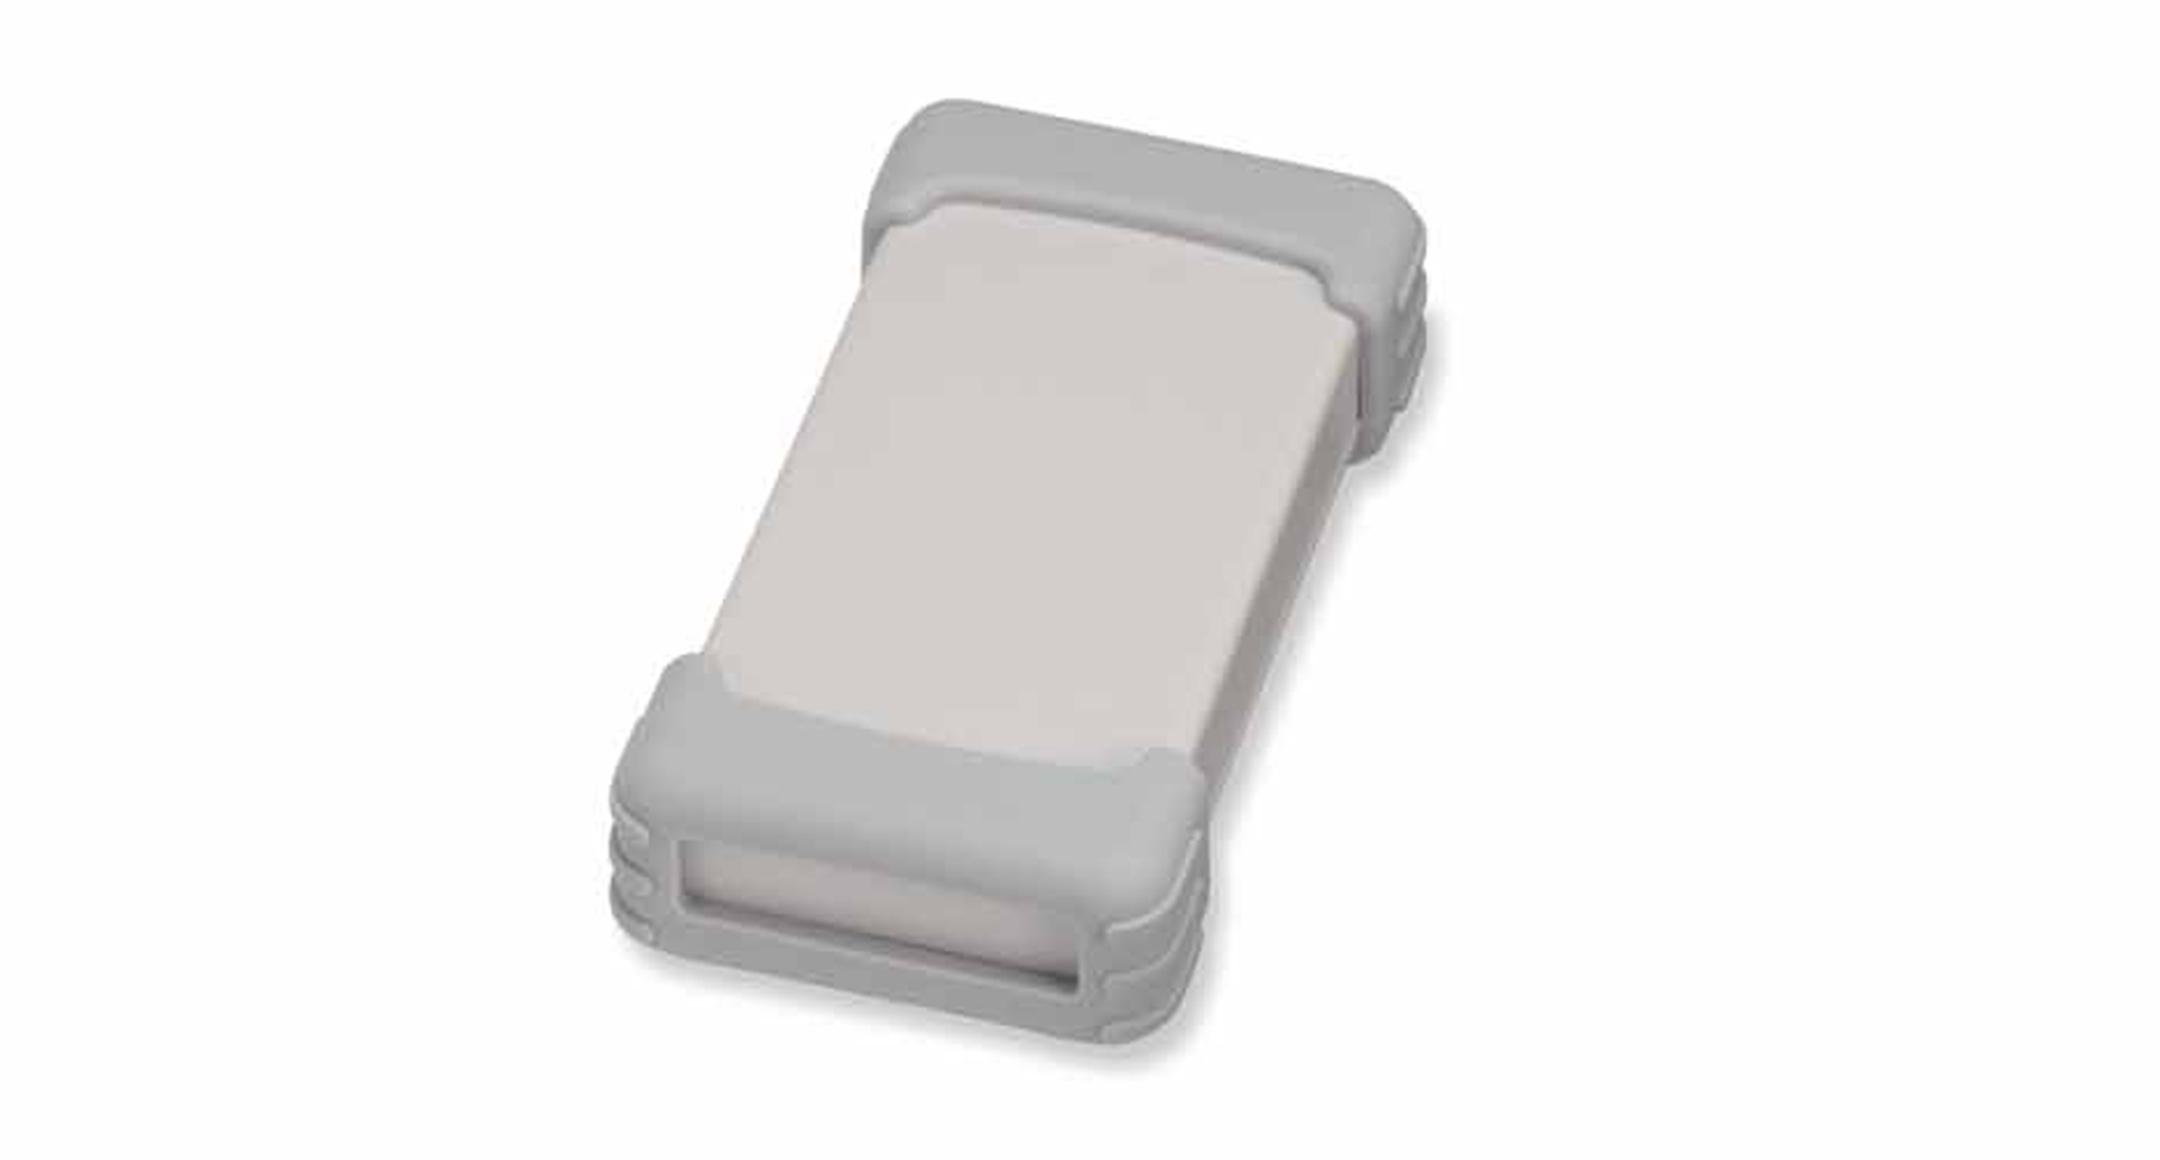 シリコンプロテクター付プラスチックケース TWSシリーズ:ライトグレー/ライトグレーの画像